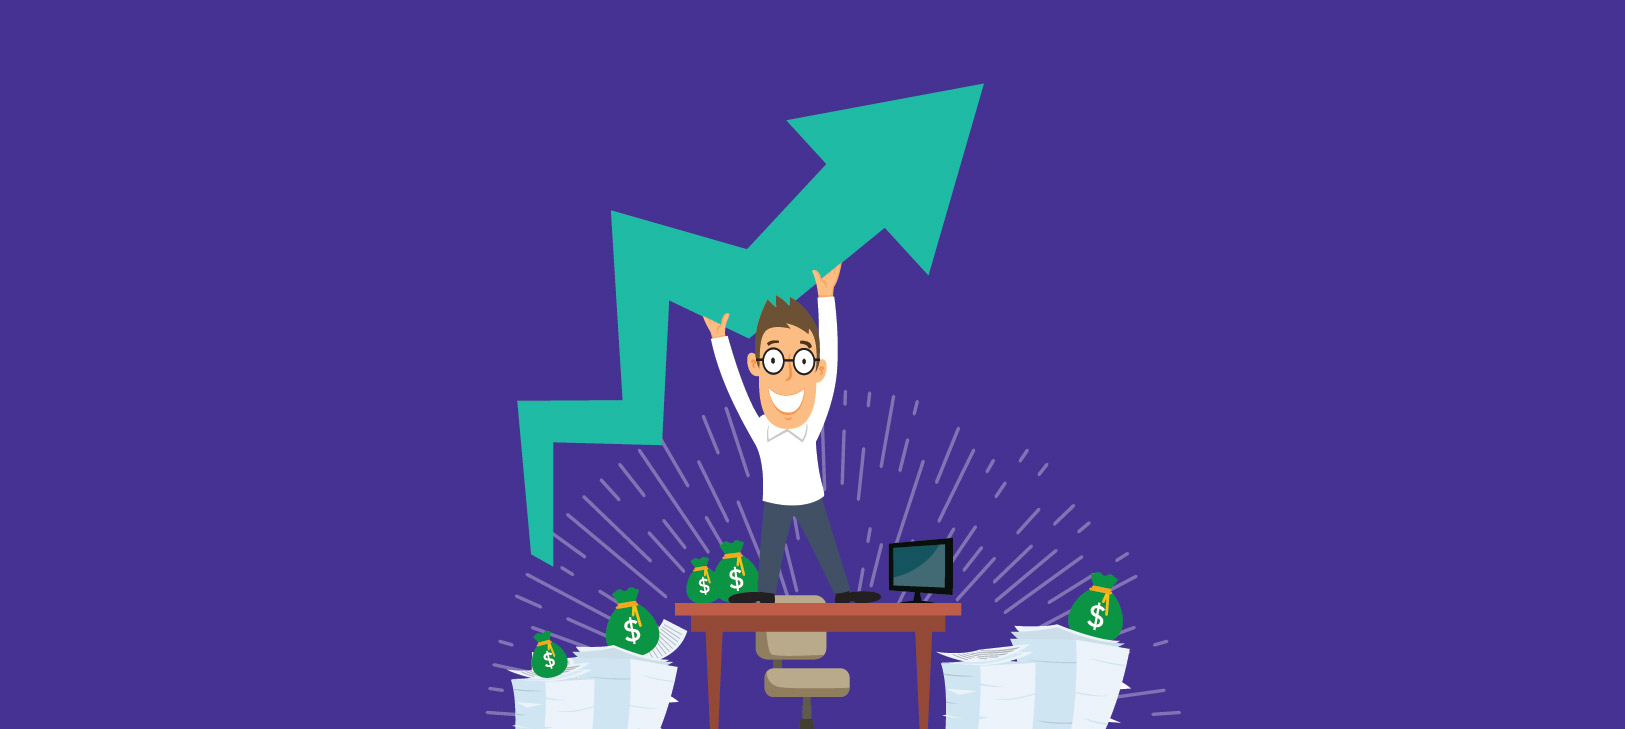 6 Reasons to Invest in Peer-To-Peer Financing